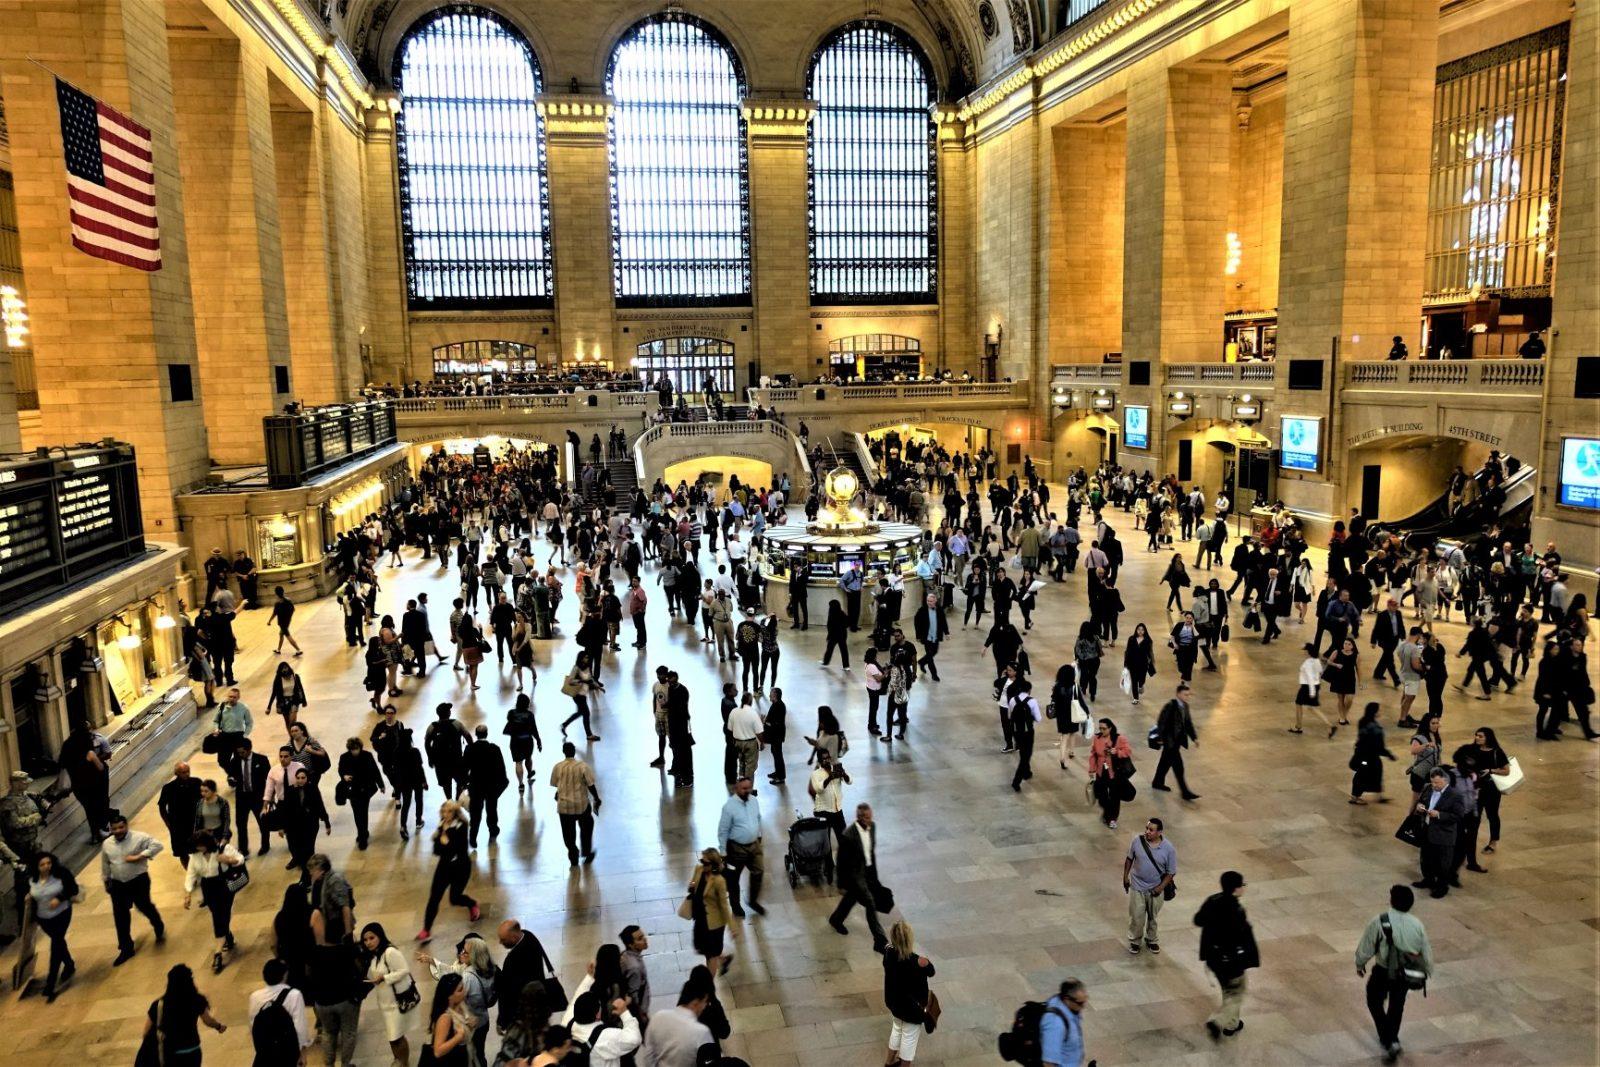 jernbanestasjonen i new york